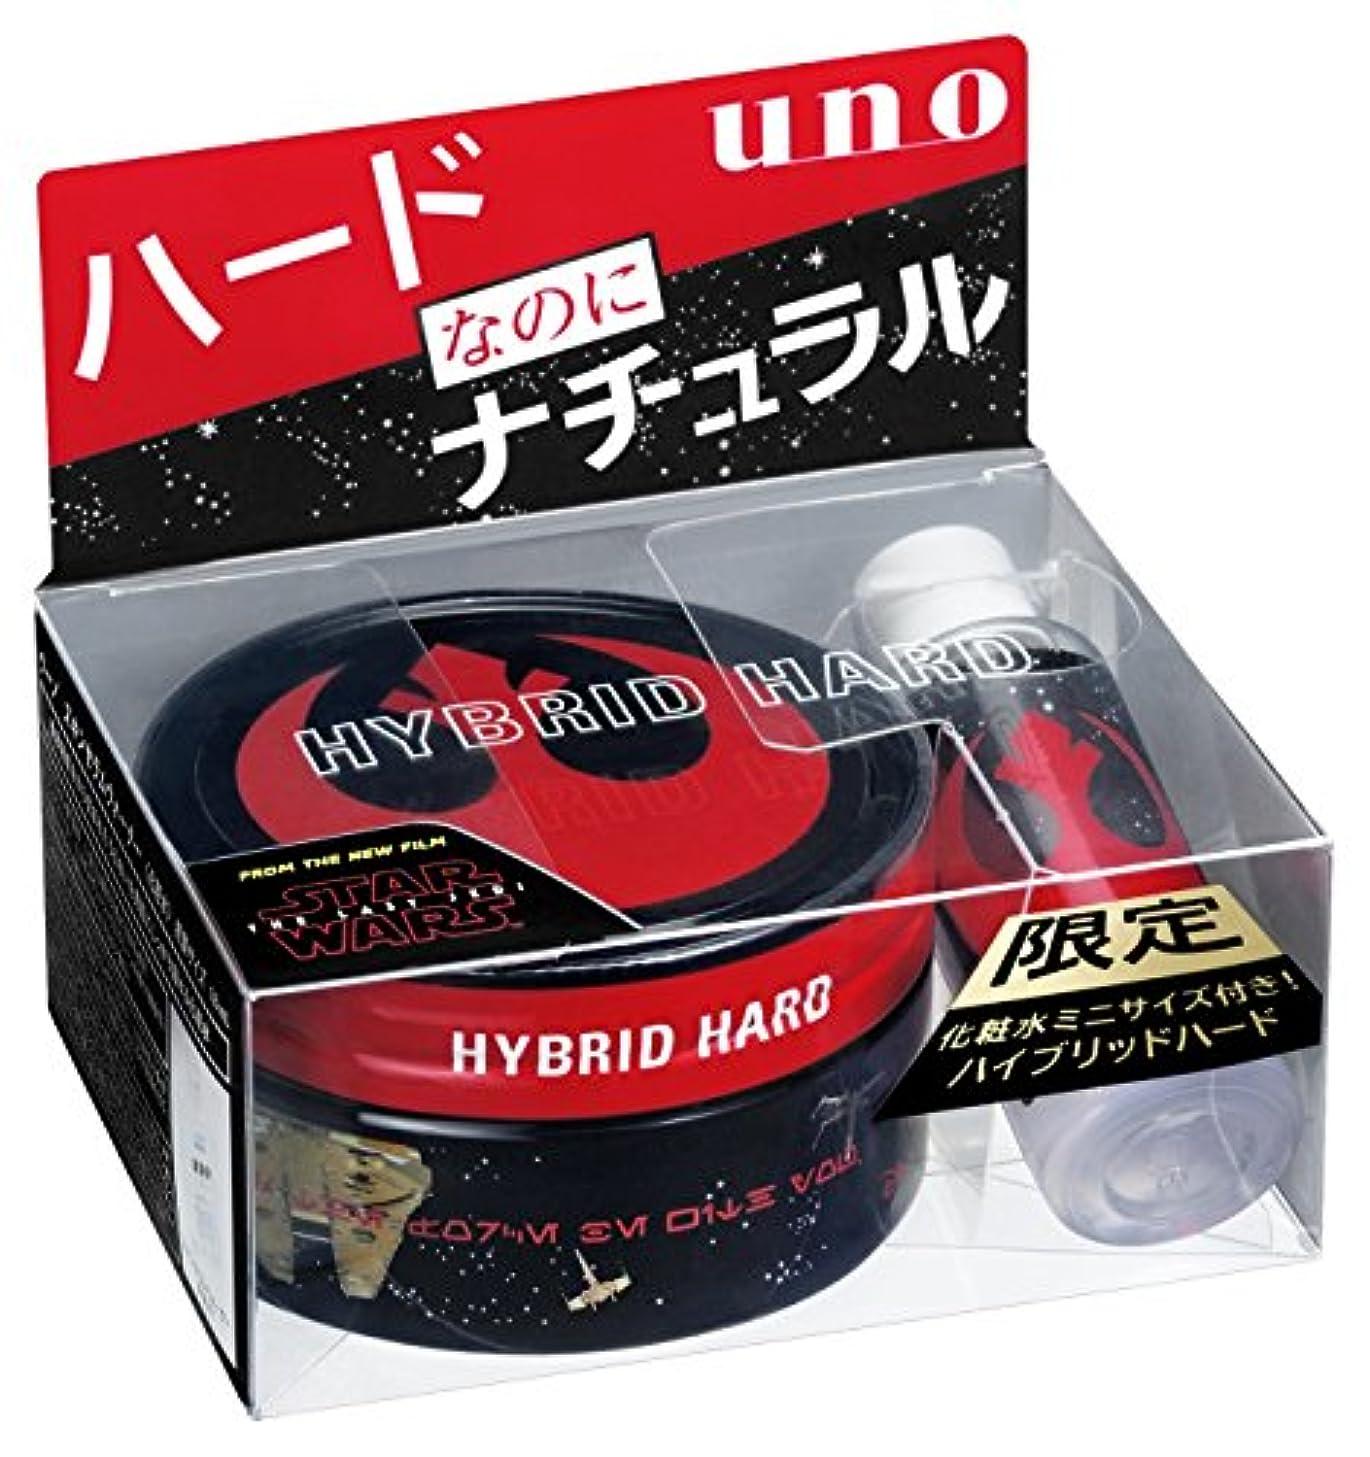 実行する侵入する無数のuno(ウーノ) ウーノ ハイブリッドハード ワックス 80g スキンセラムウォーターミニボトル付(スターウォーズEp8)